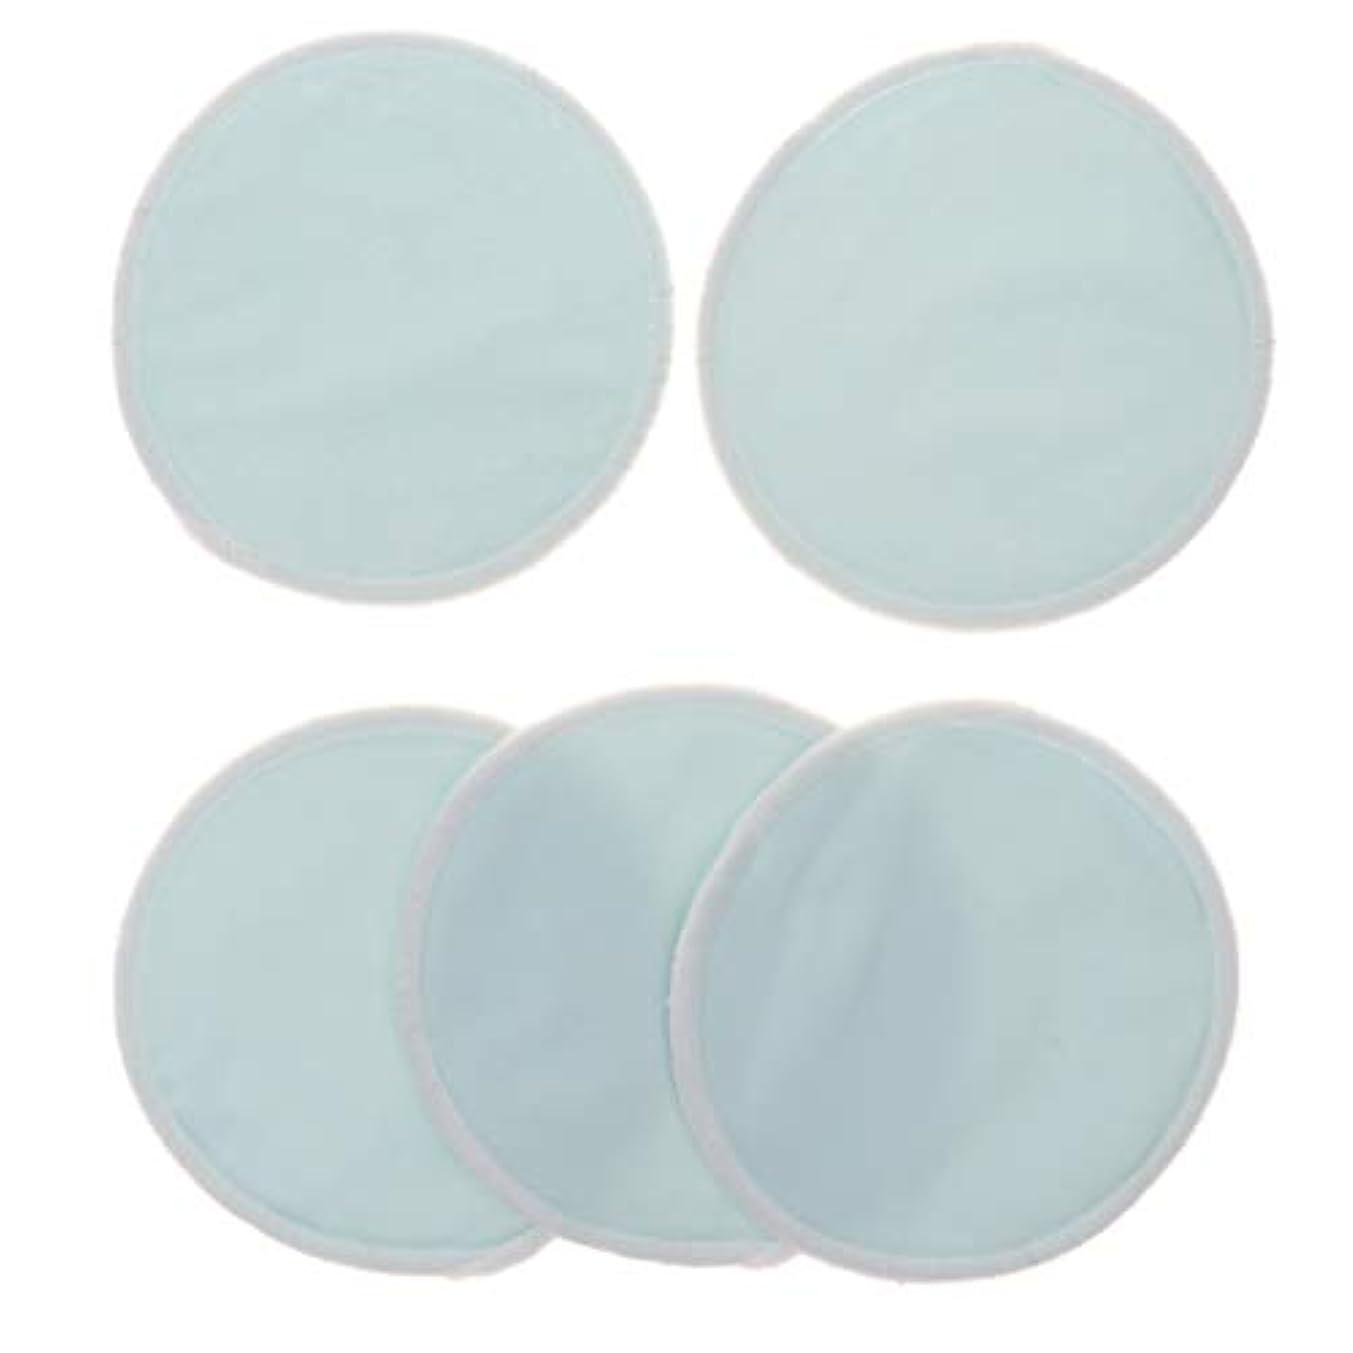 過言製油所クリーナーFenteer 5個 クレンジングシート 胸パッド 化粧用 竹繊維 円形 12cm 洗える 再使用可能 耐久性 全5色 - 青